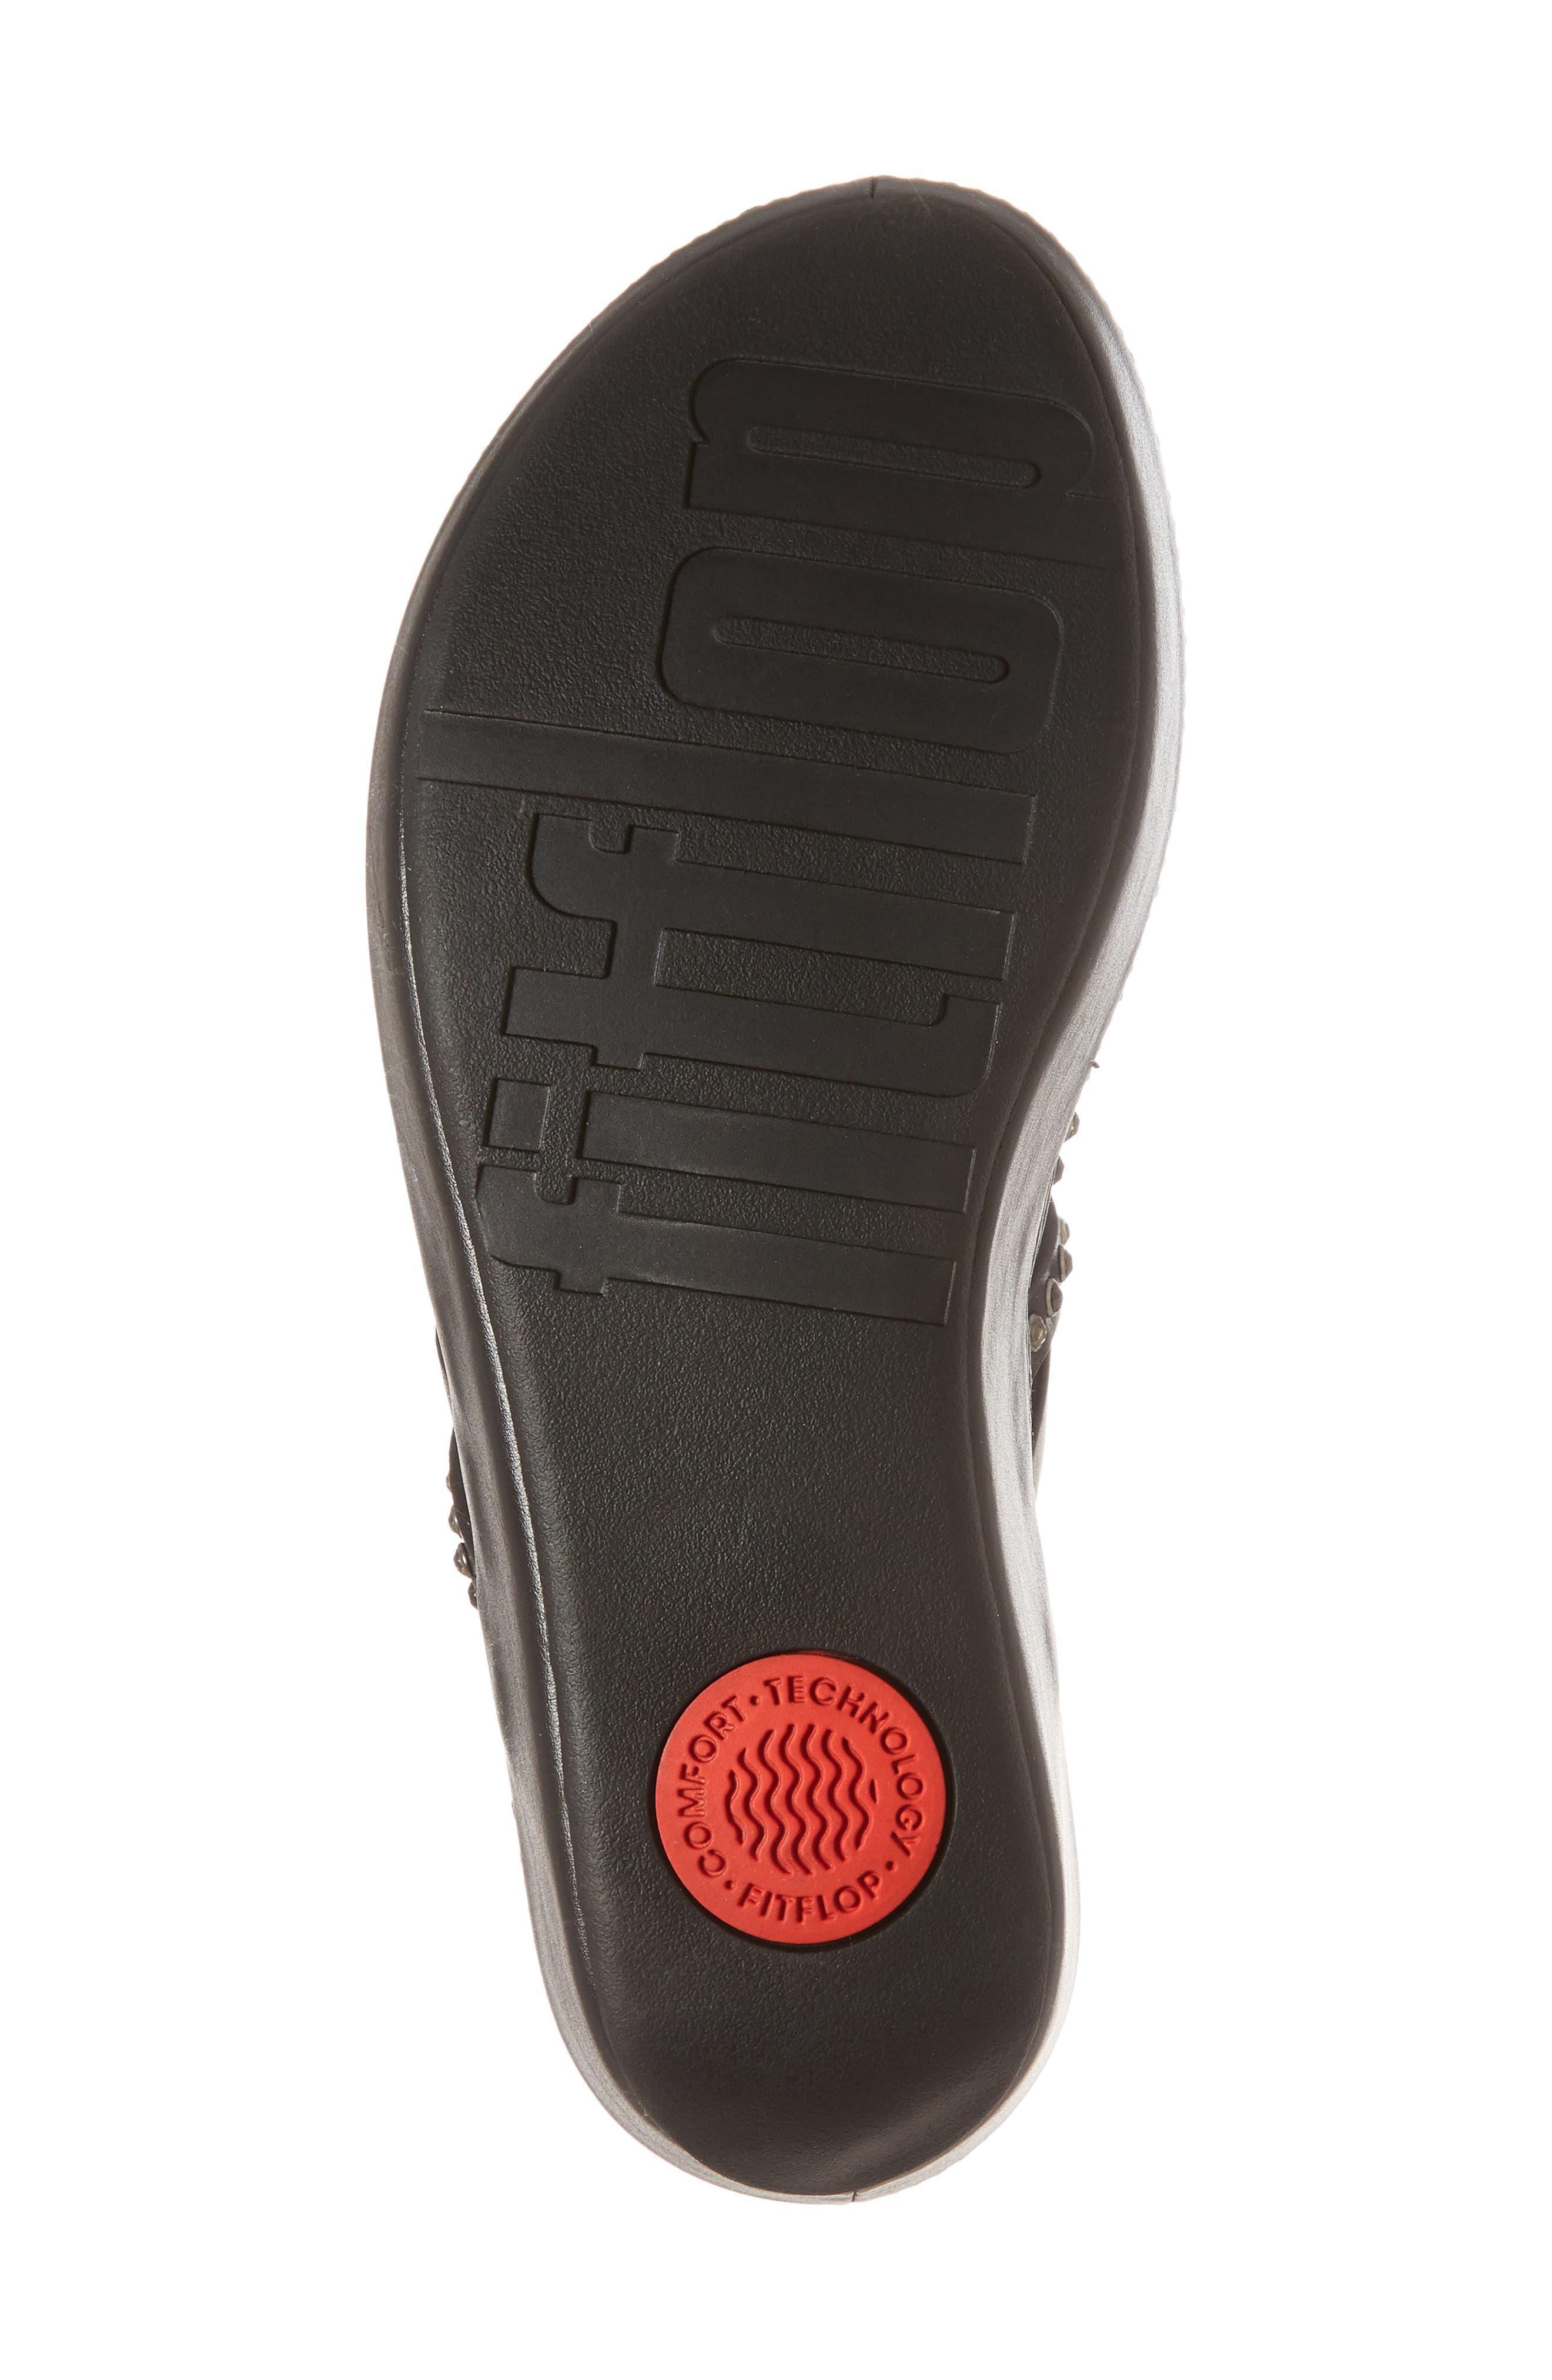 Linny Embellished Slide Sandal,                             Alternate thumbnail 6, color,                             001